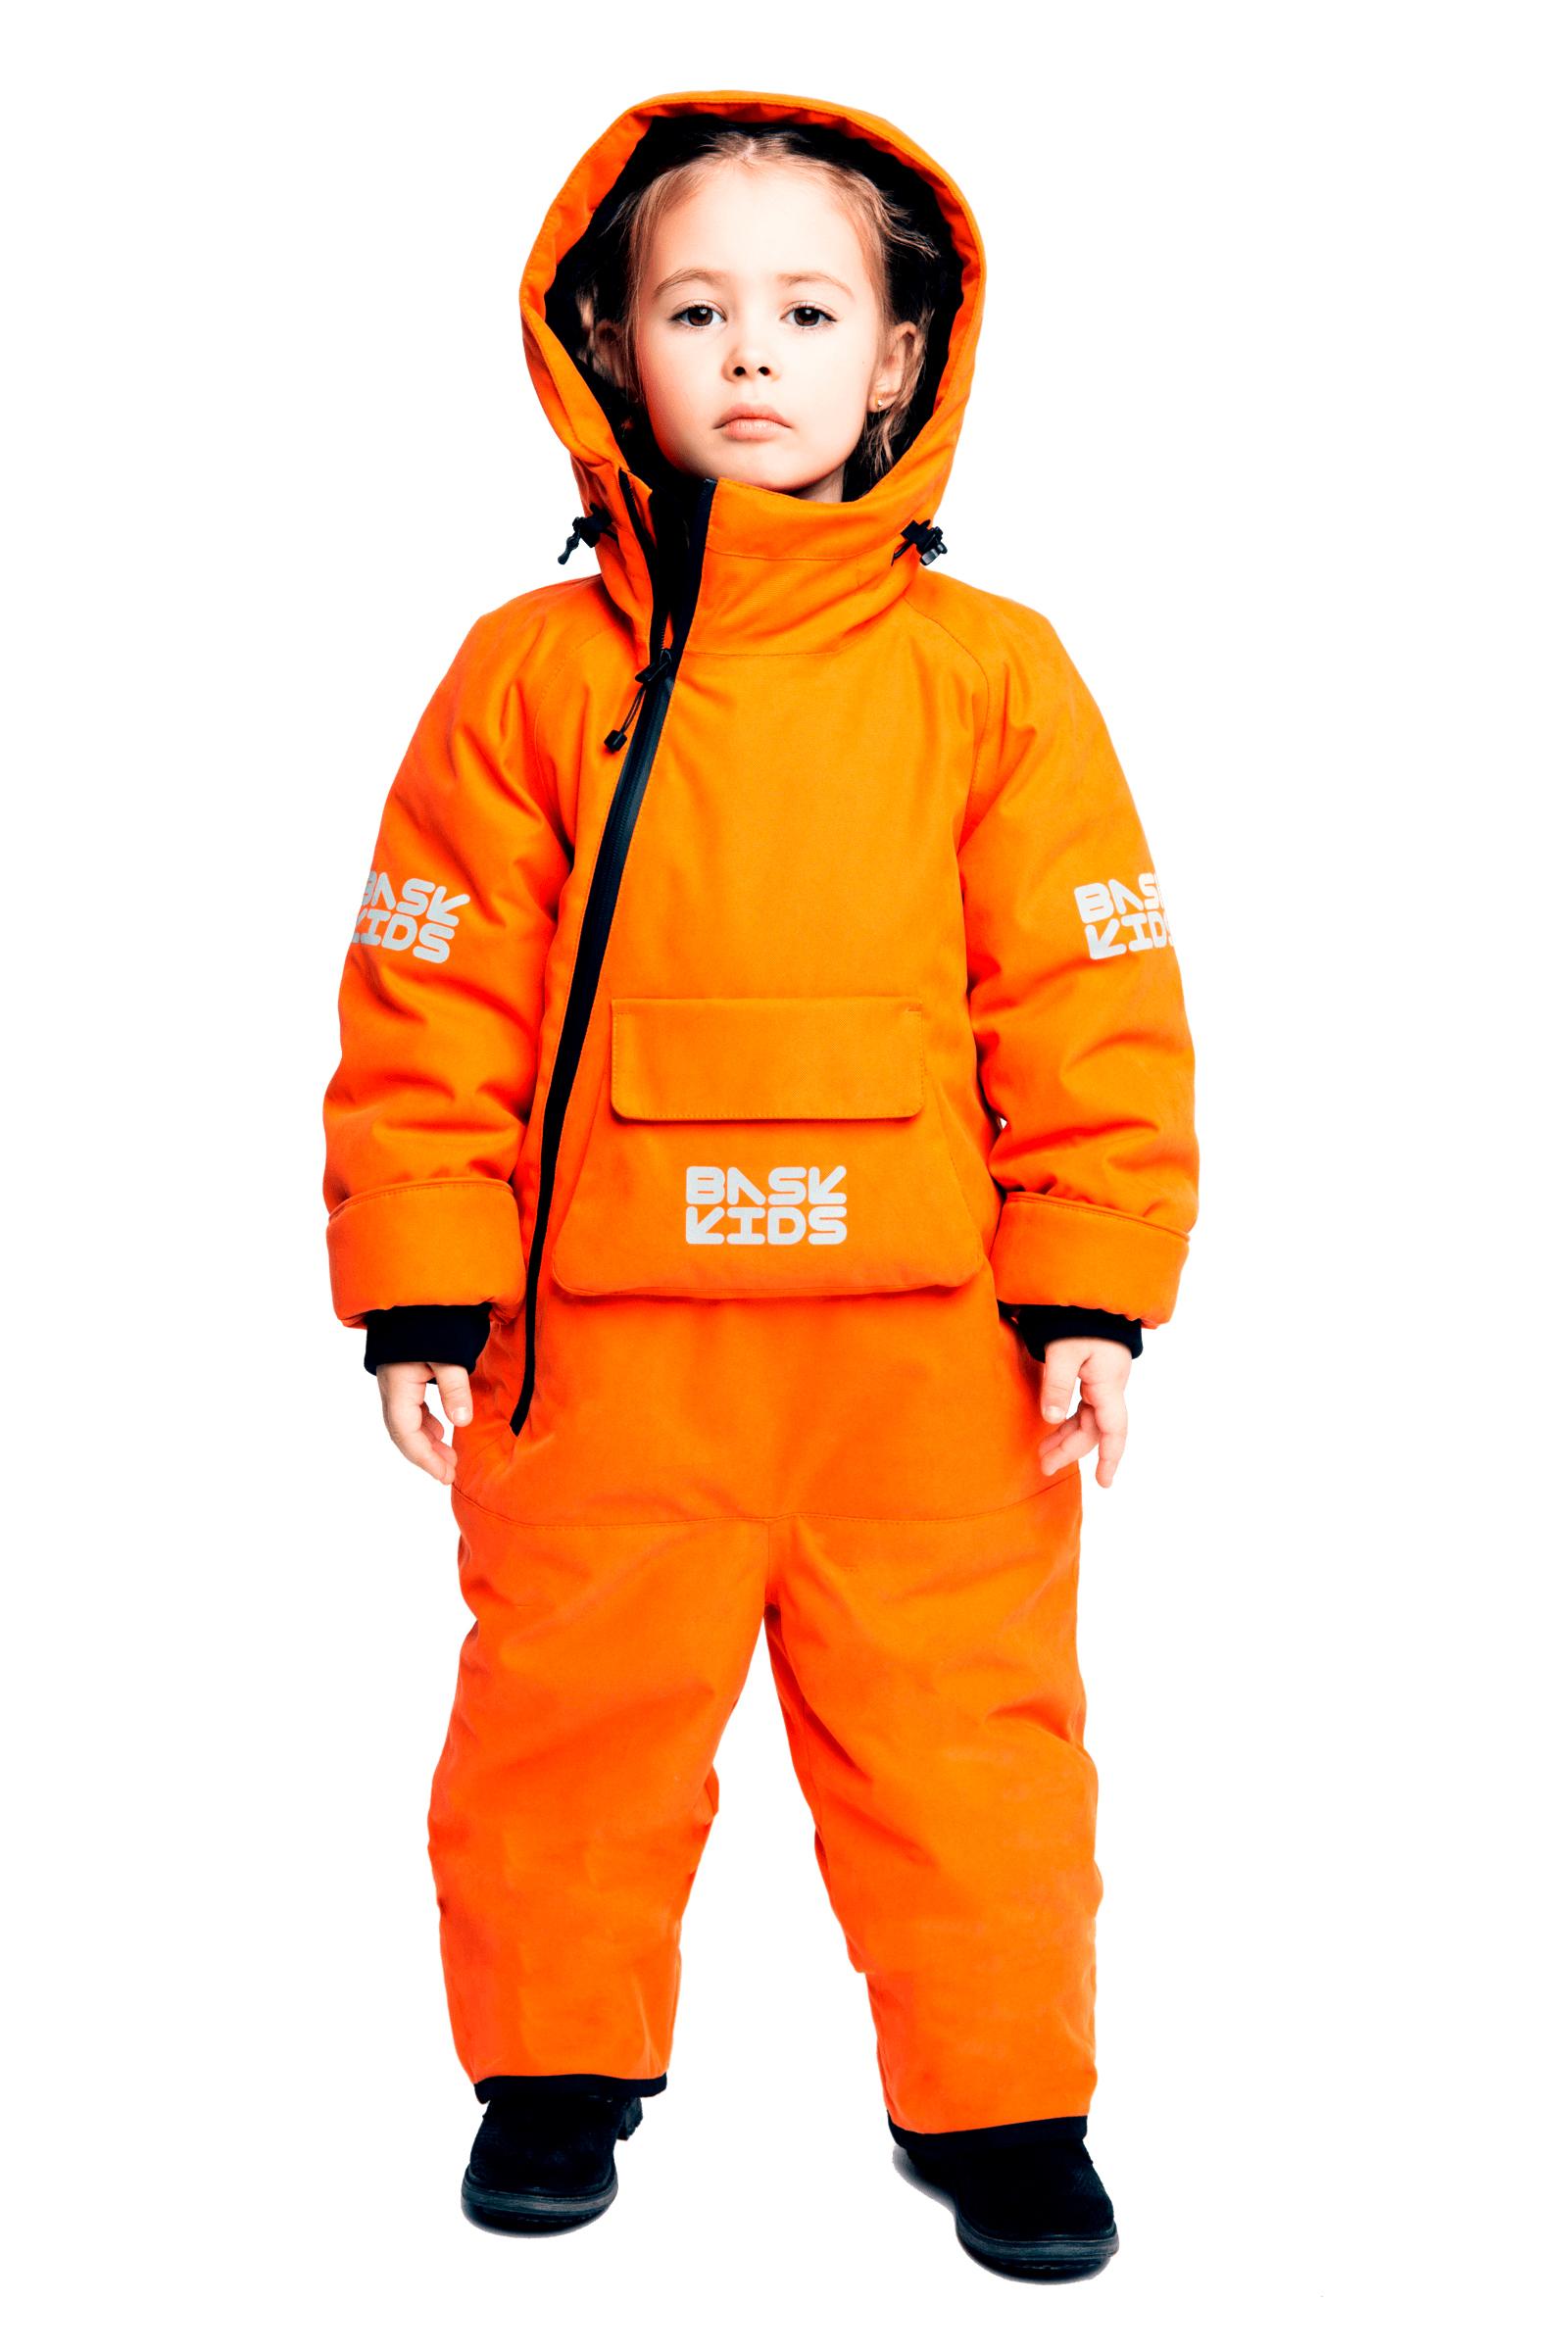 Купить Комбинезон утепленный BASK kids SPACE оранжевый, Компания БАСК